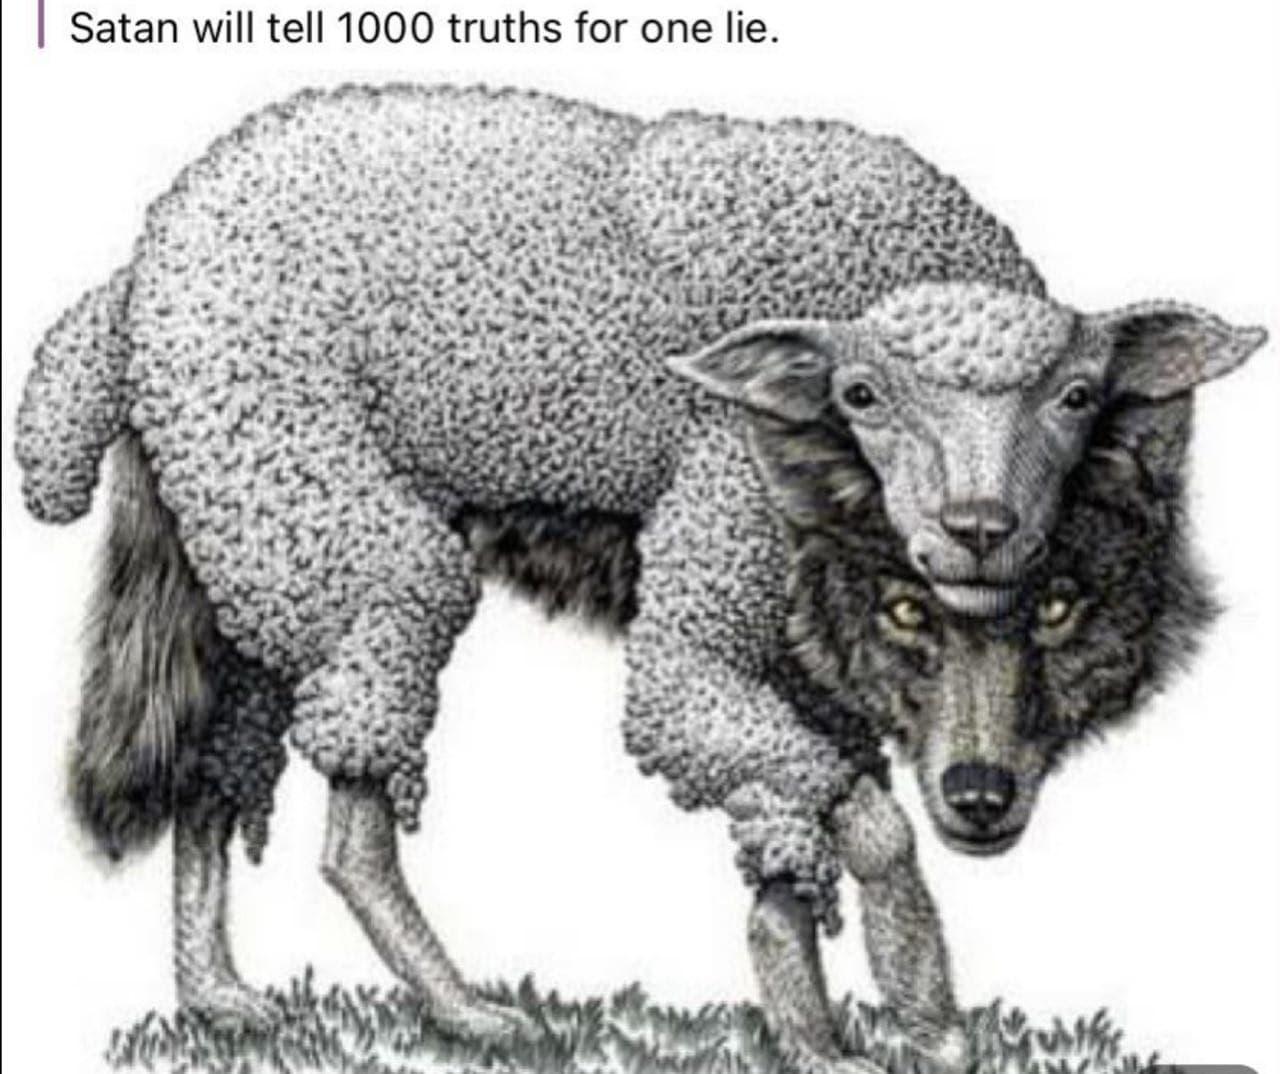 SATAN WIRD DIR 1000 x die Wahrheit für eine Lüge sagen!